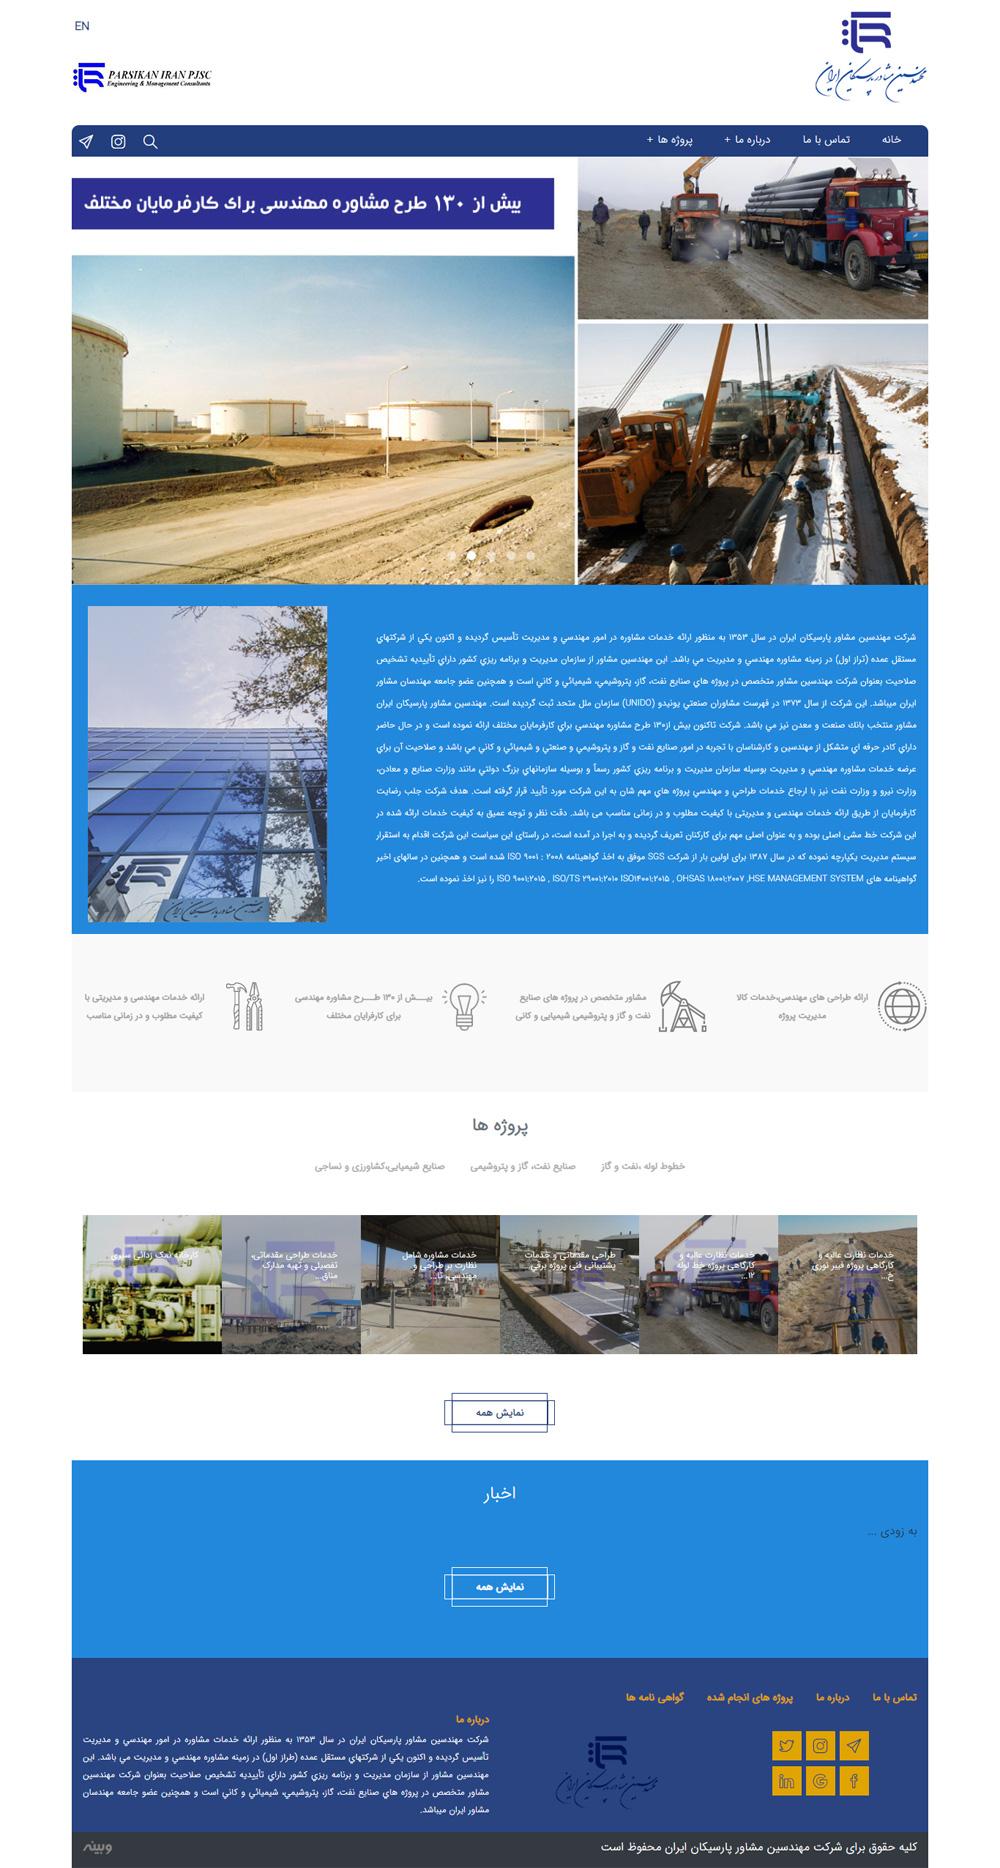 طراحی وب سایت 2 زبانه